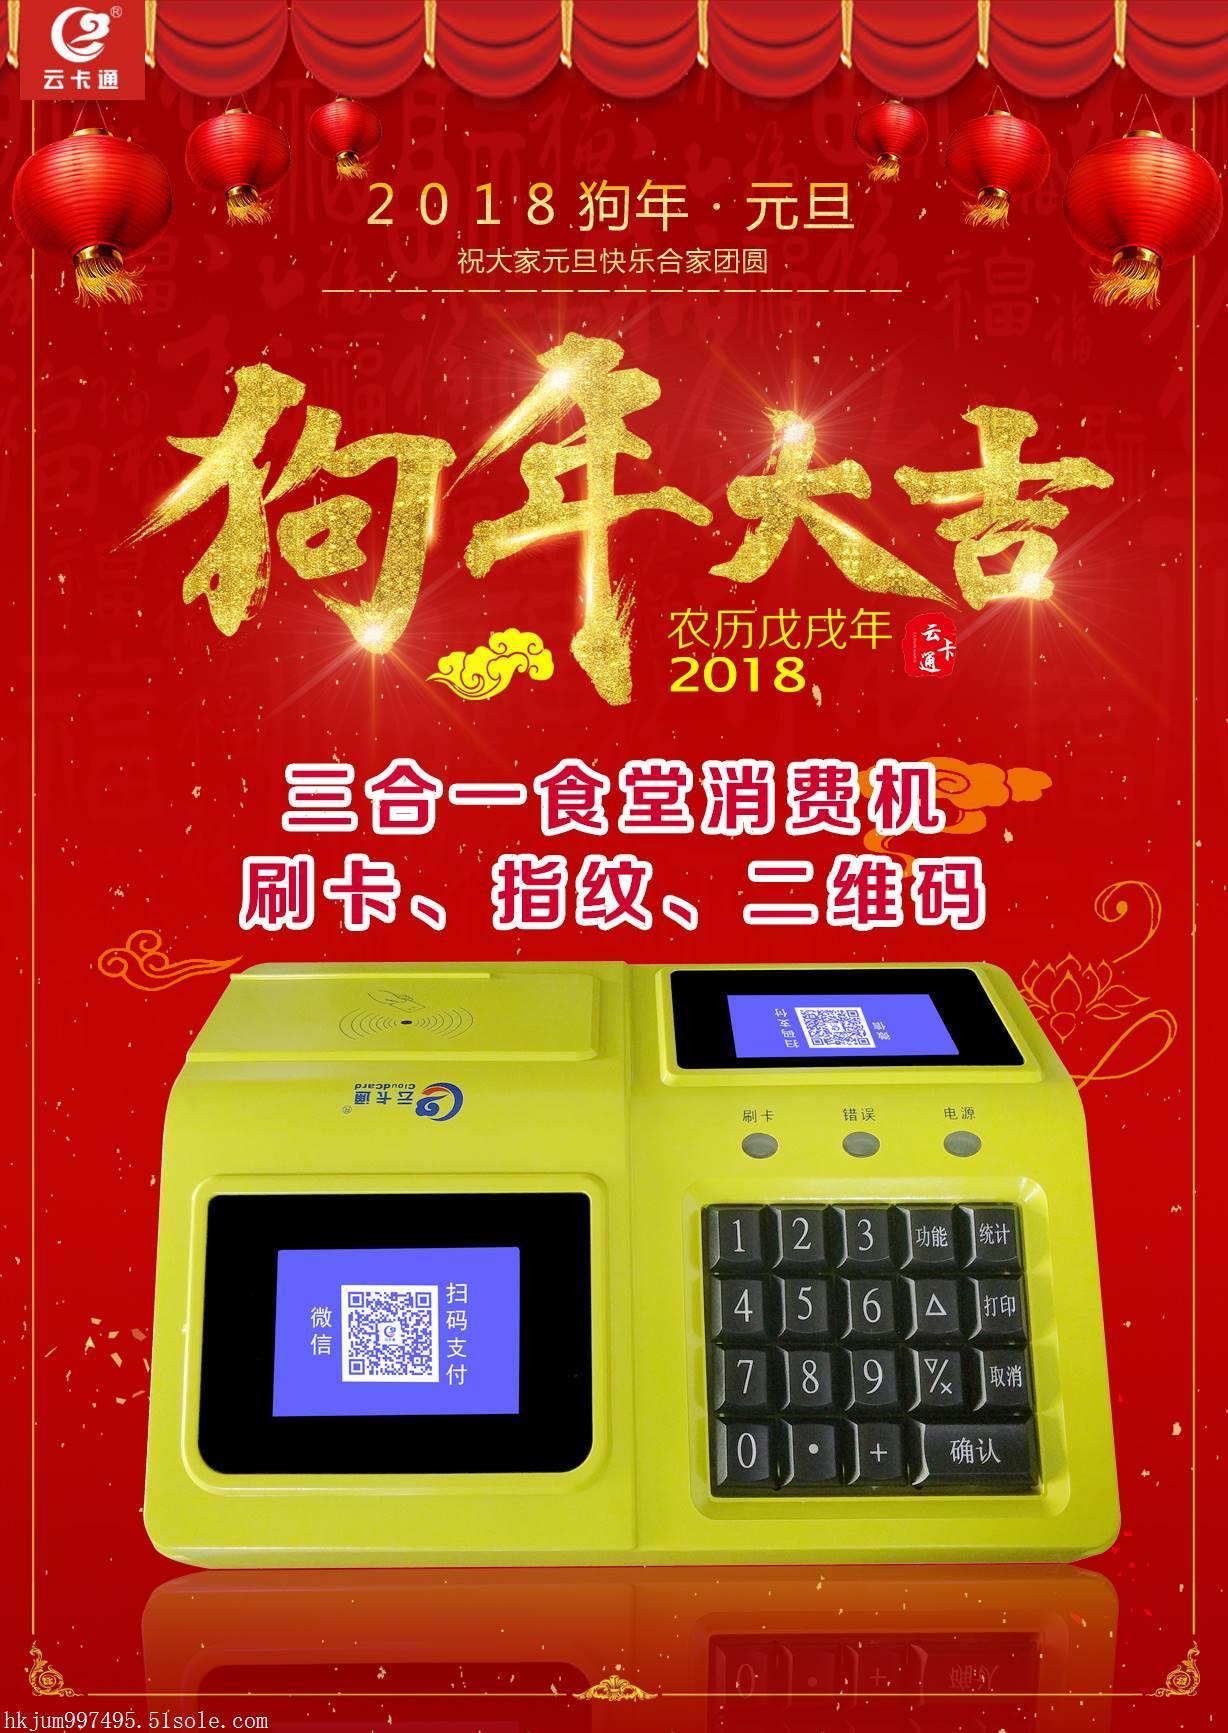 新款云卡通YK620二维码食堂刷卡机/饭堂二维码支付消费机